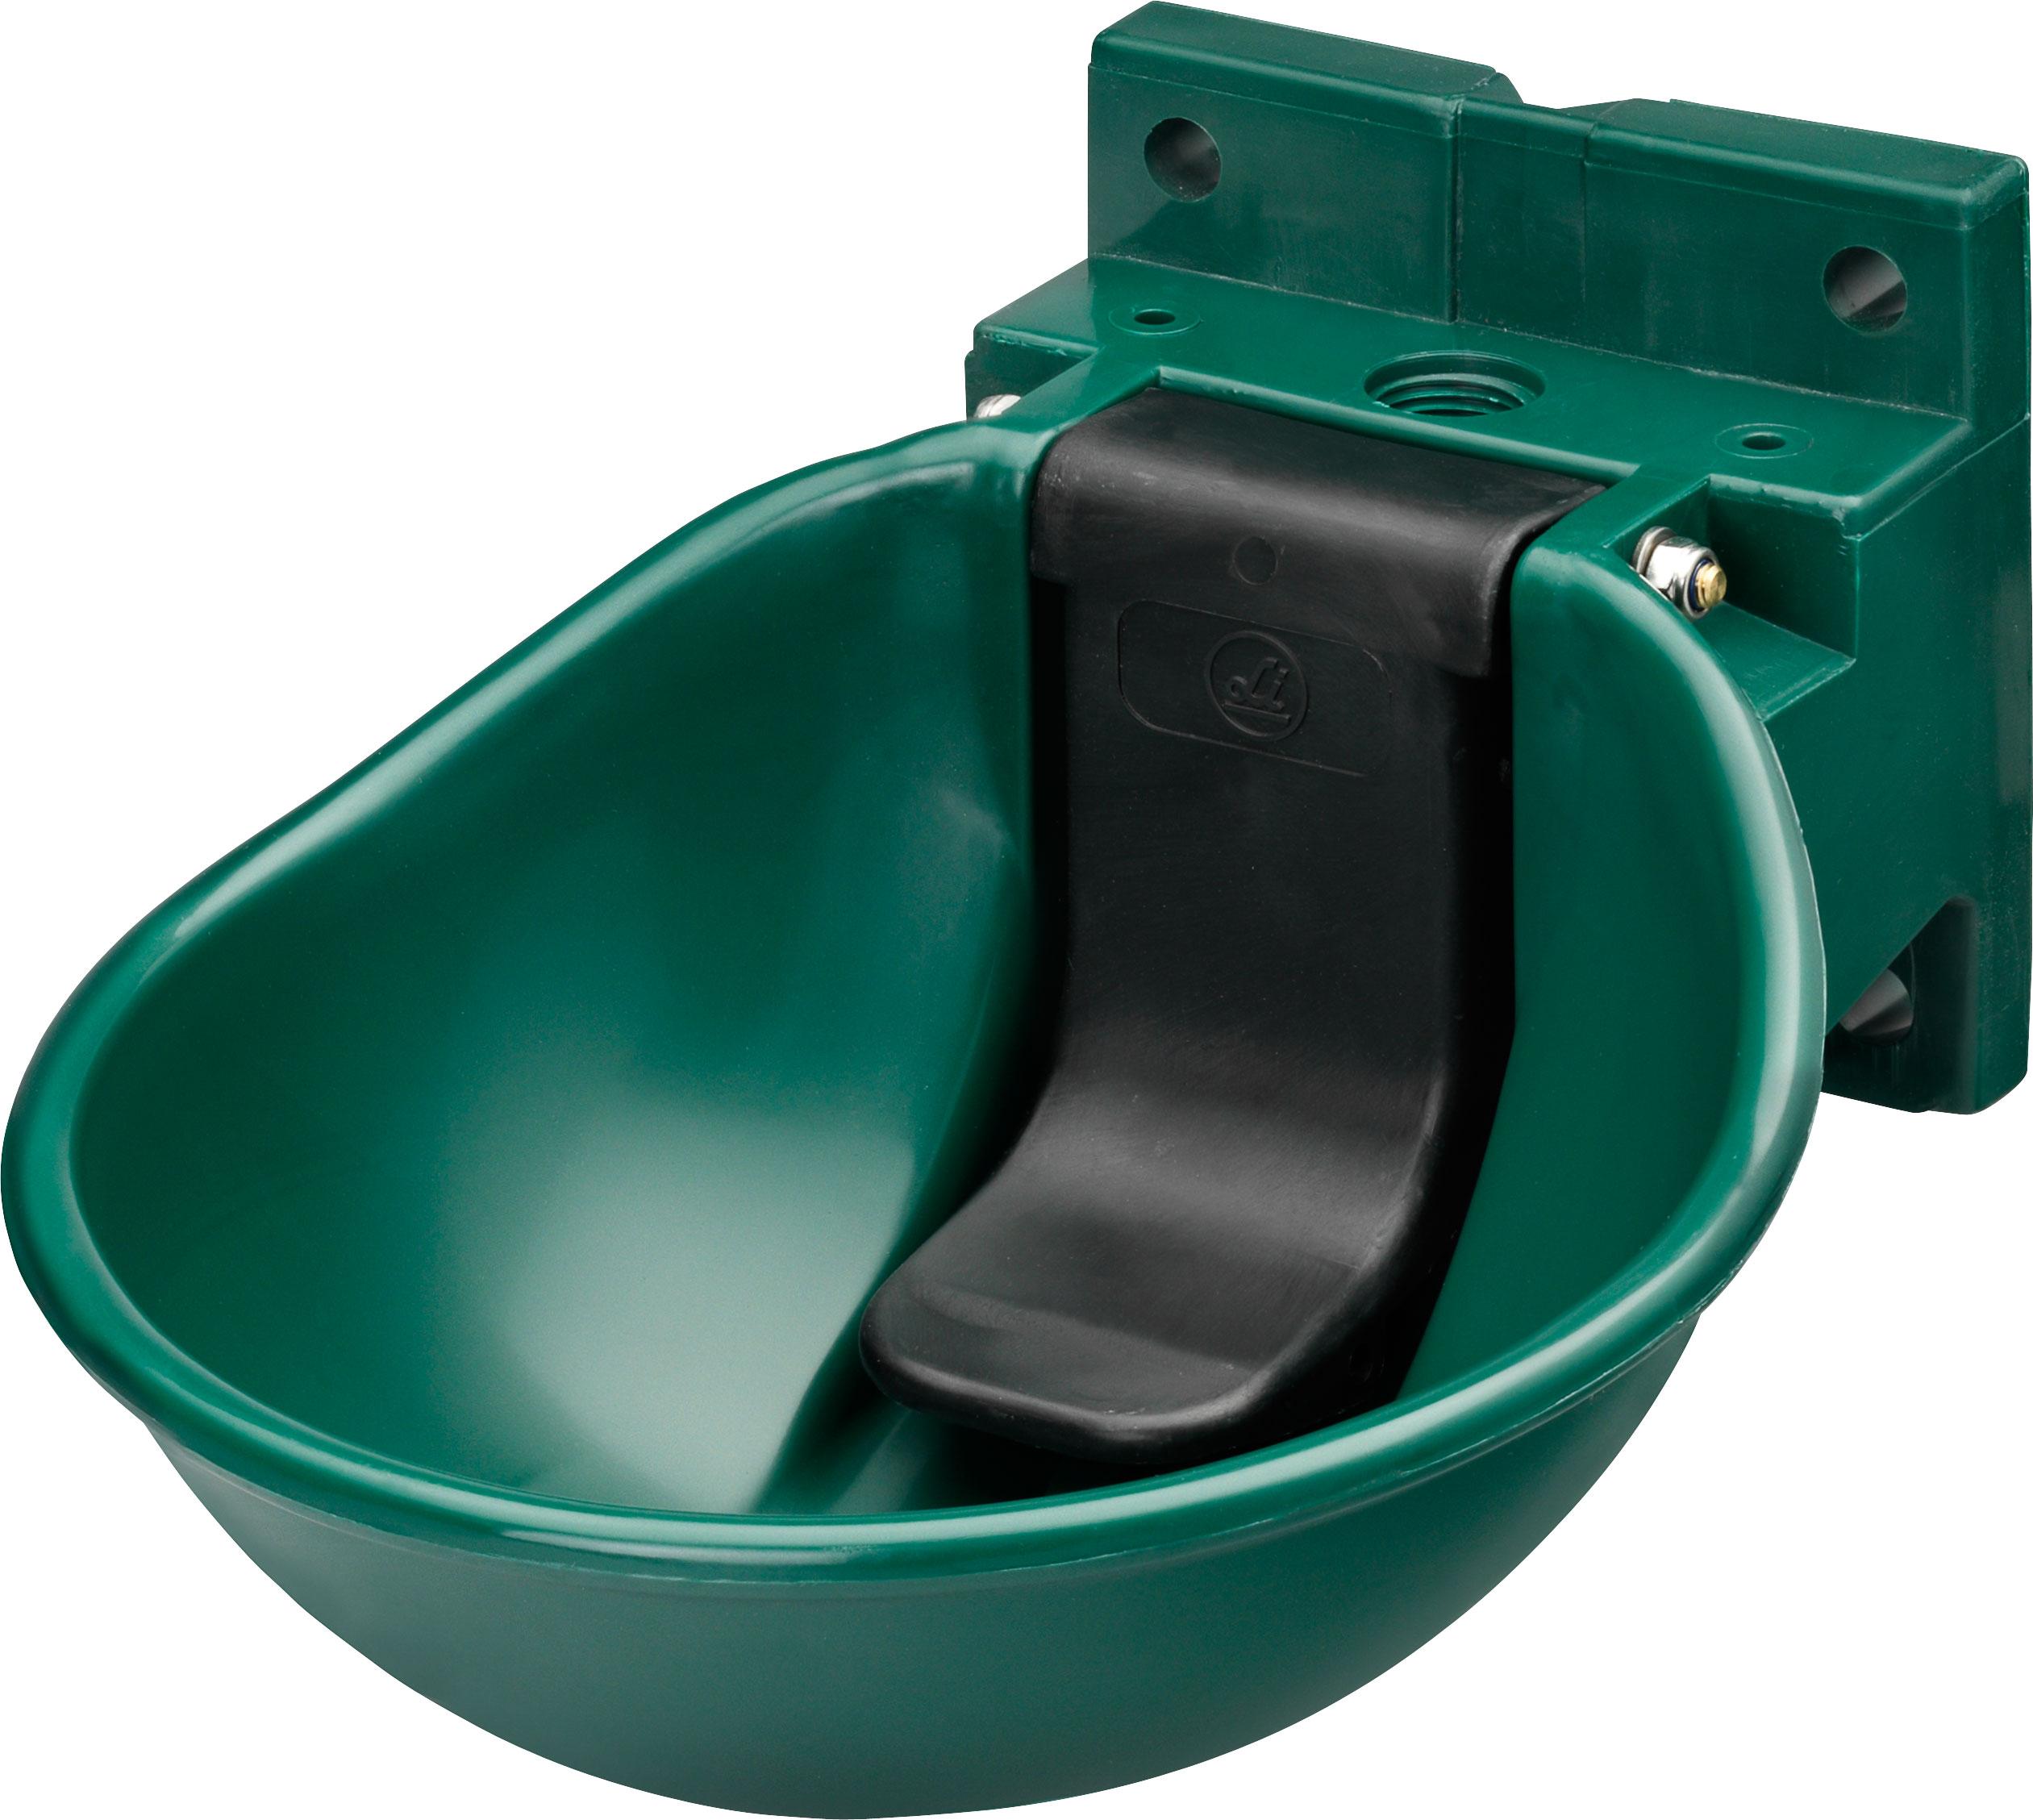 Tränkebecken SB 1 N grün  (Niederdruck)